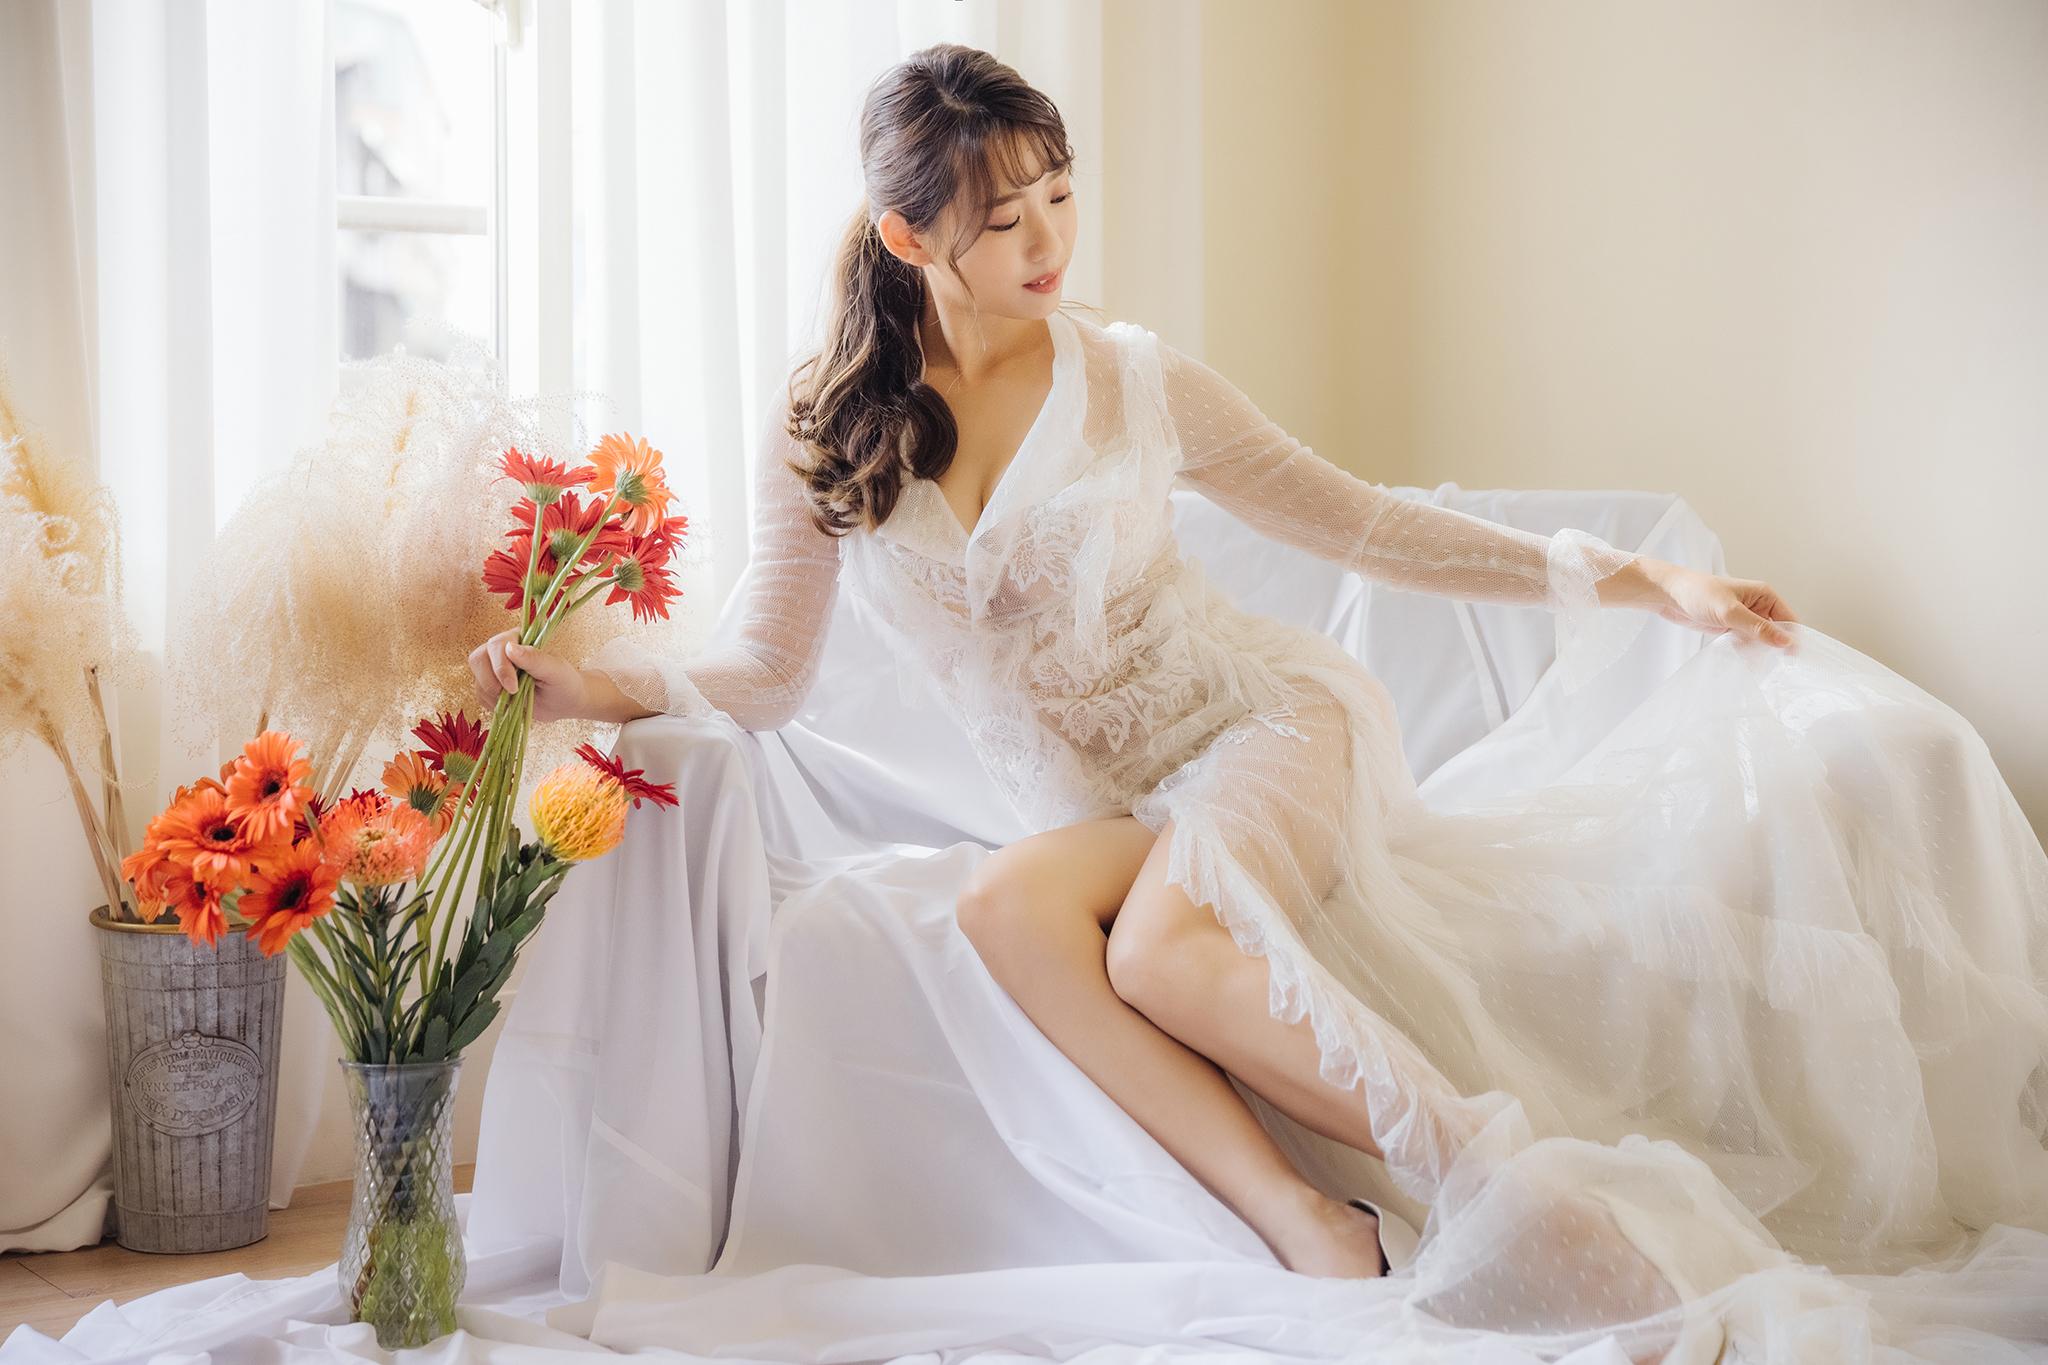 51578136344 12f35fbf8a o - 【自主婚紗】+江jiang+